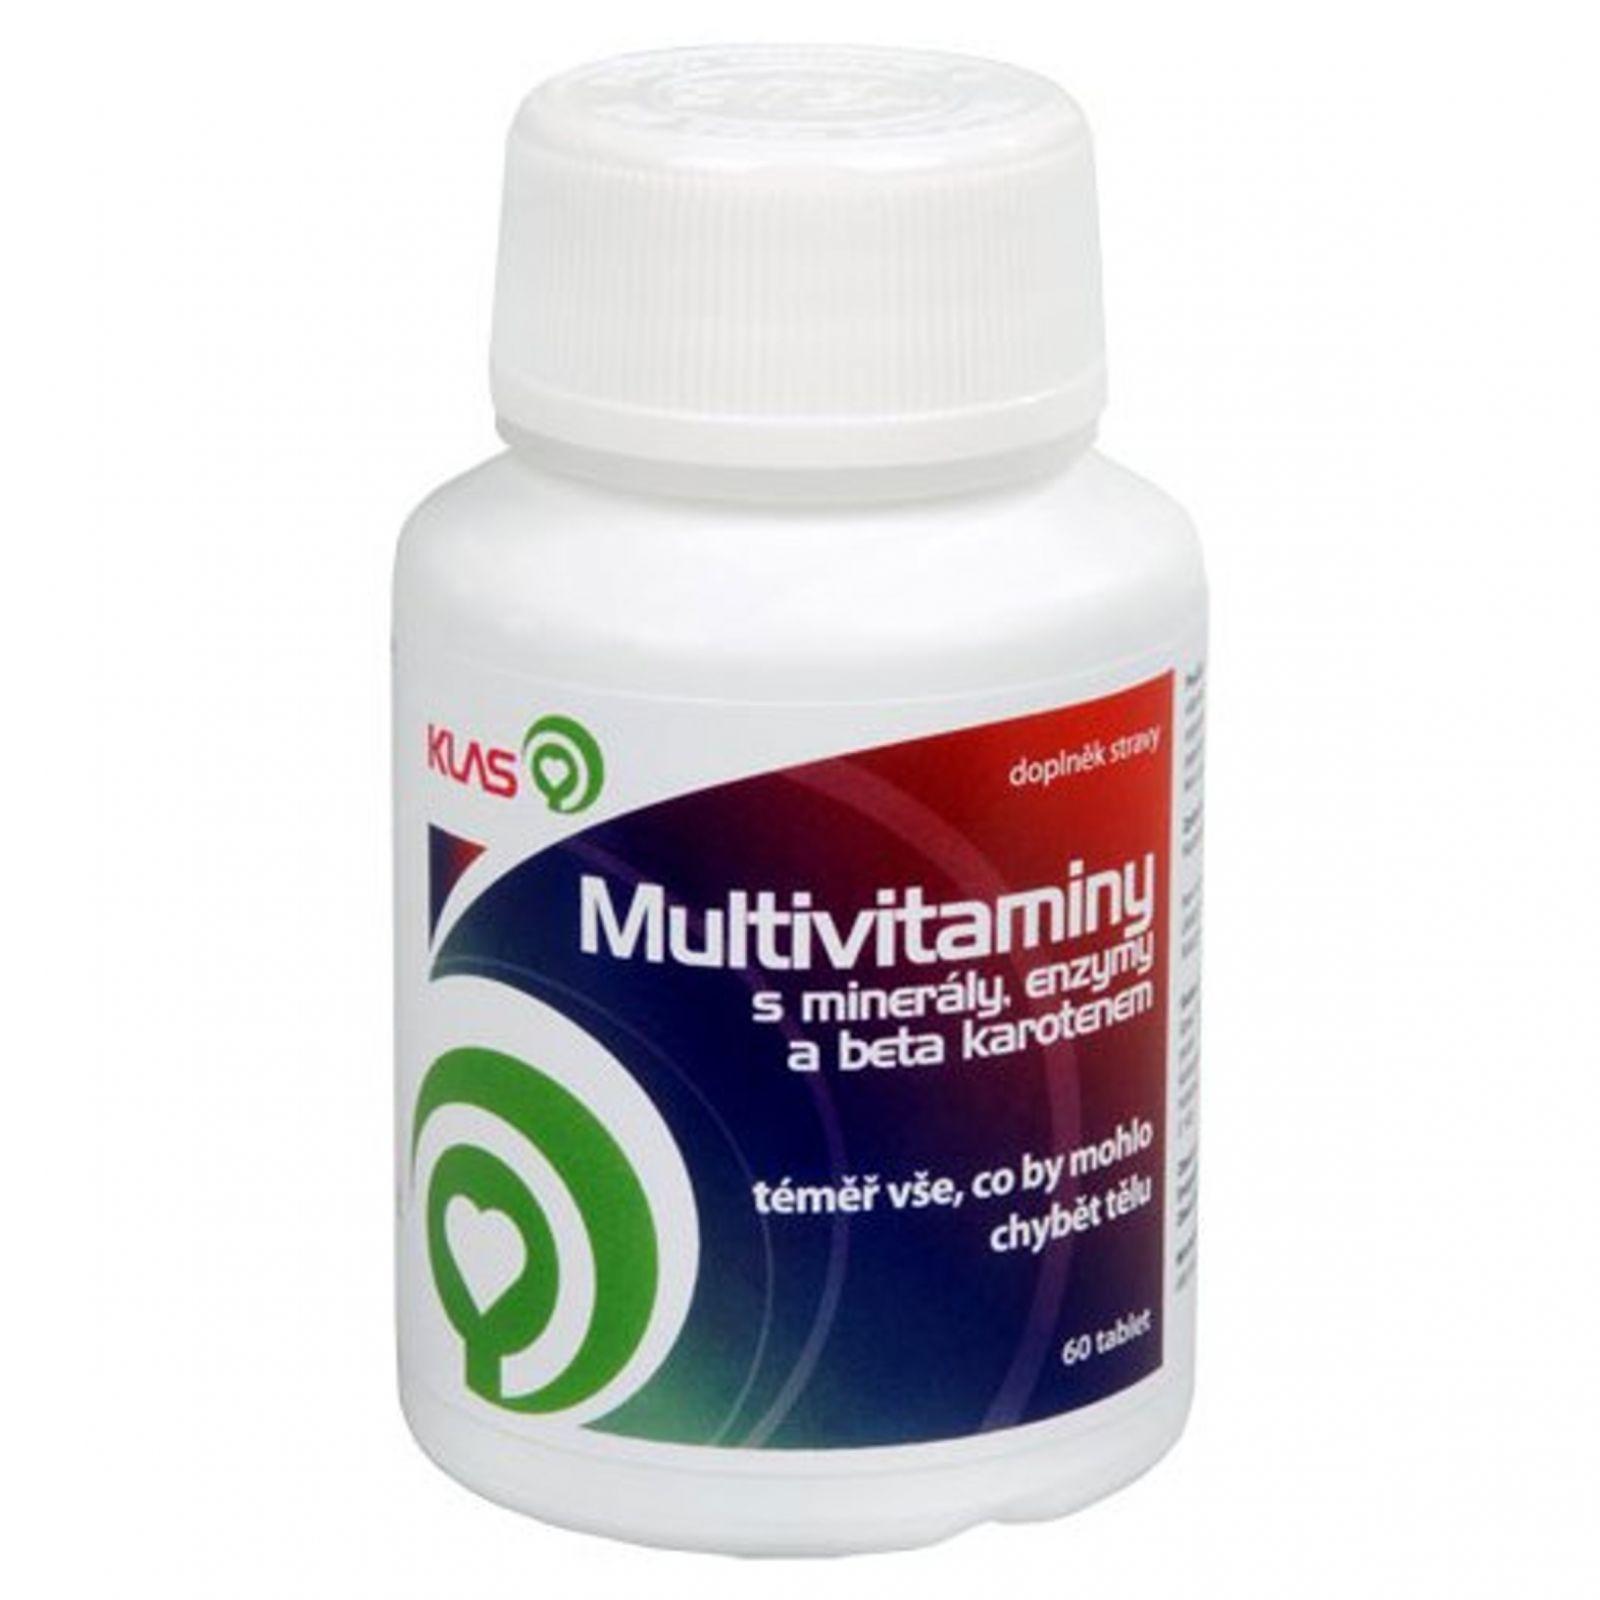 Klas Multivitamín kapsle 60 tablet